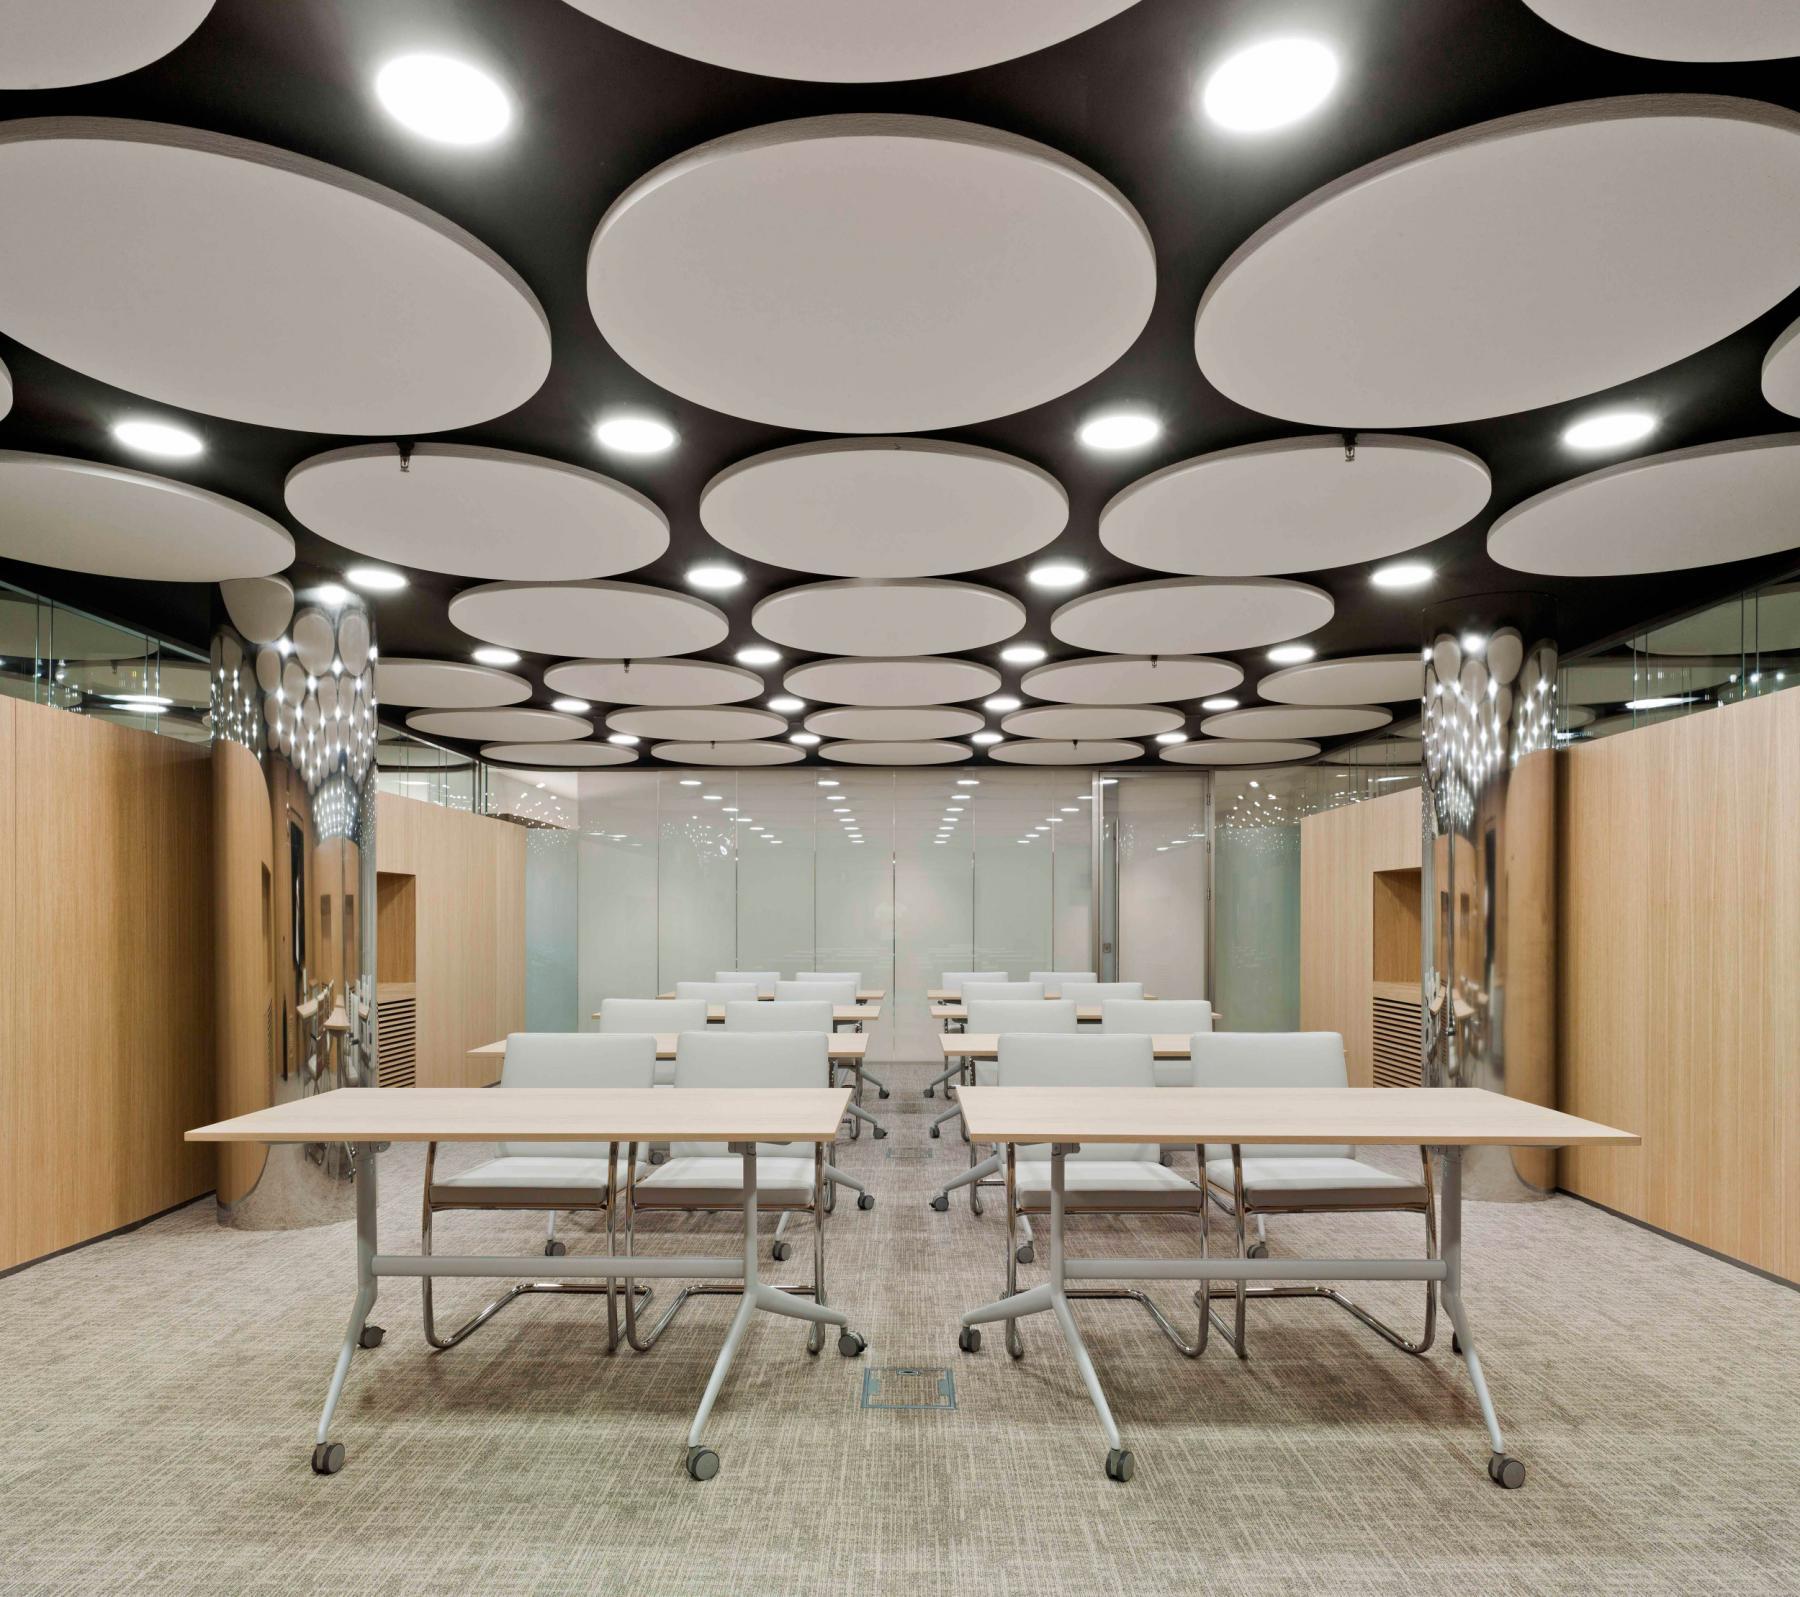 Alquilar oficinas Paseo de la Castellana 81, Madrid (7)